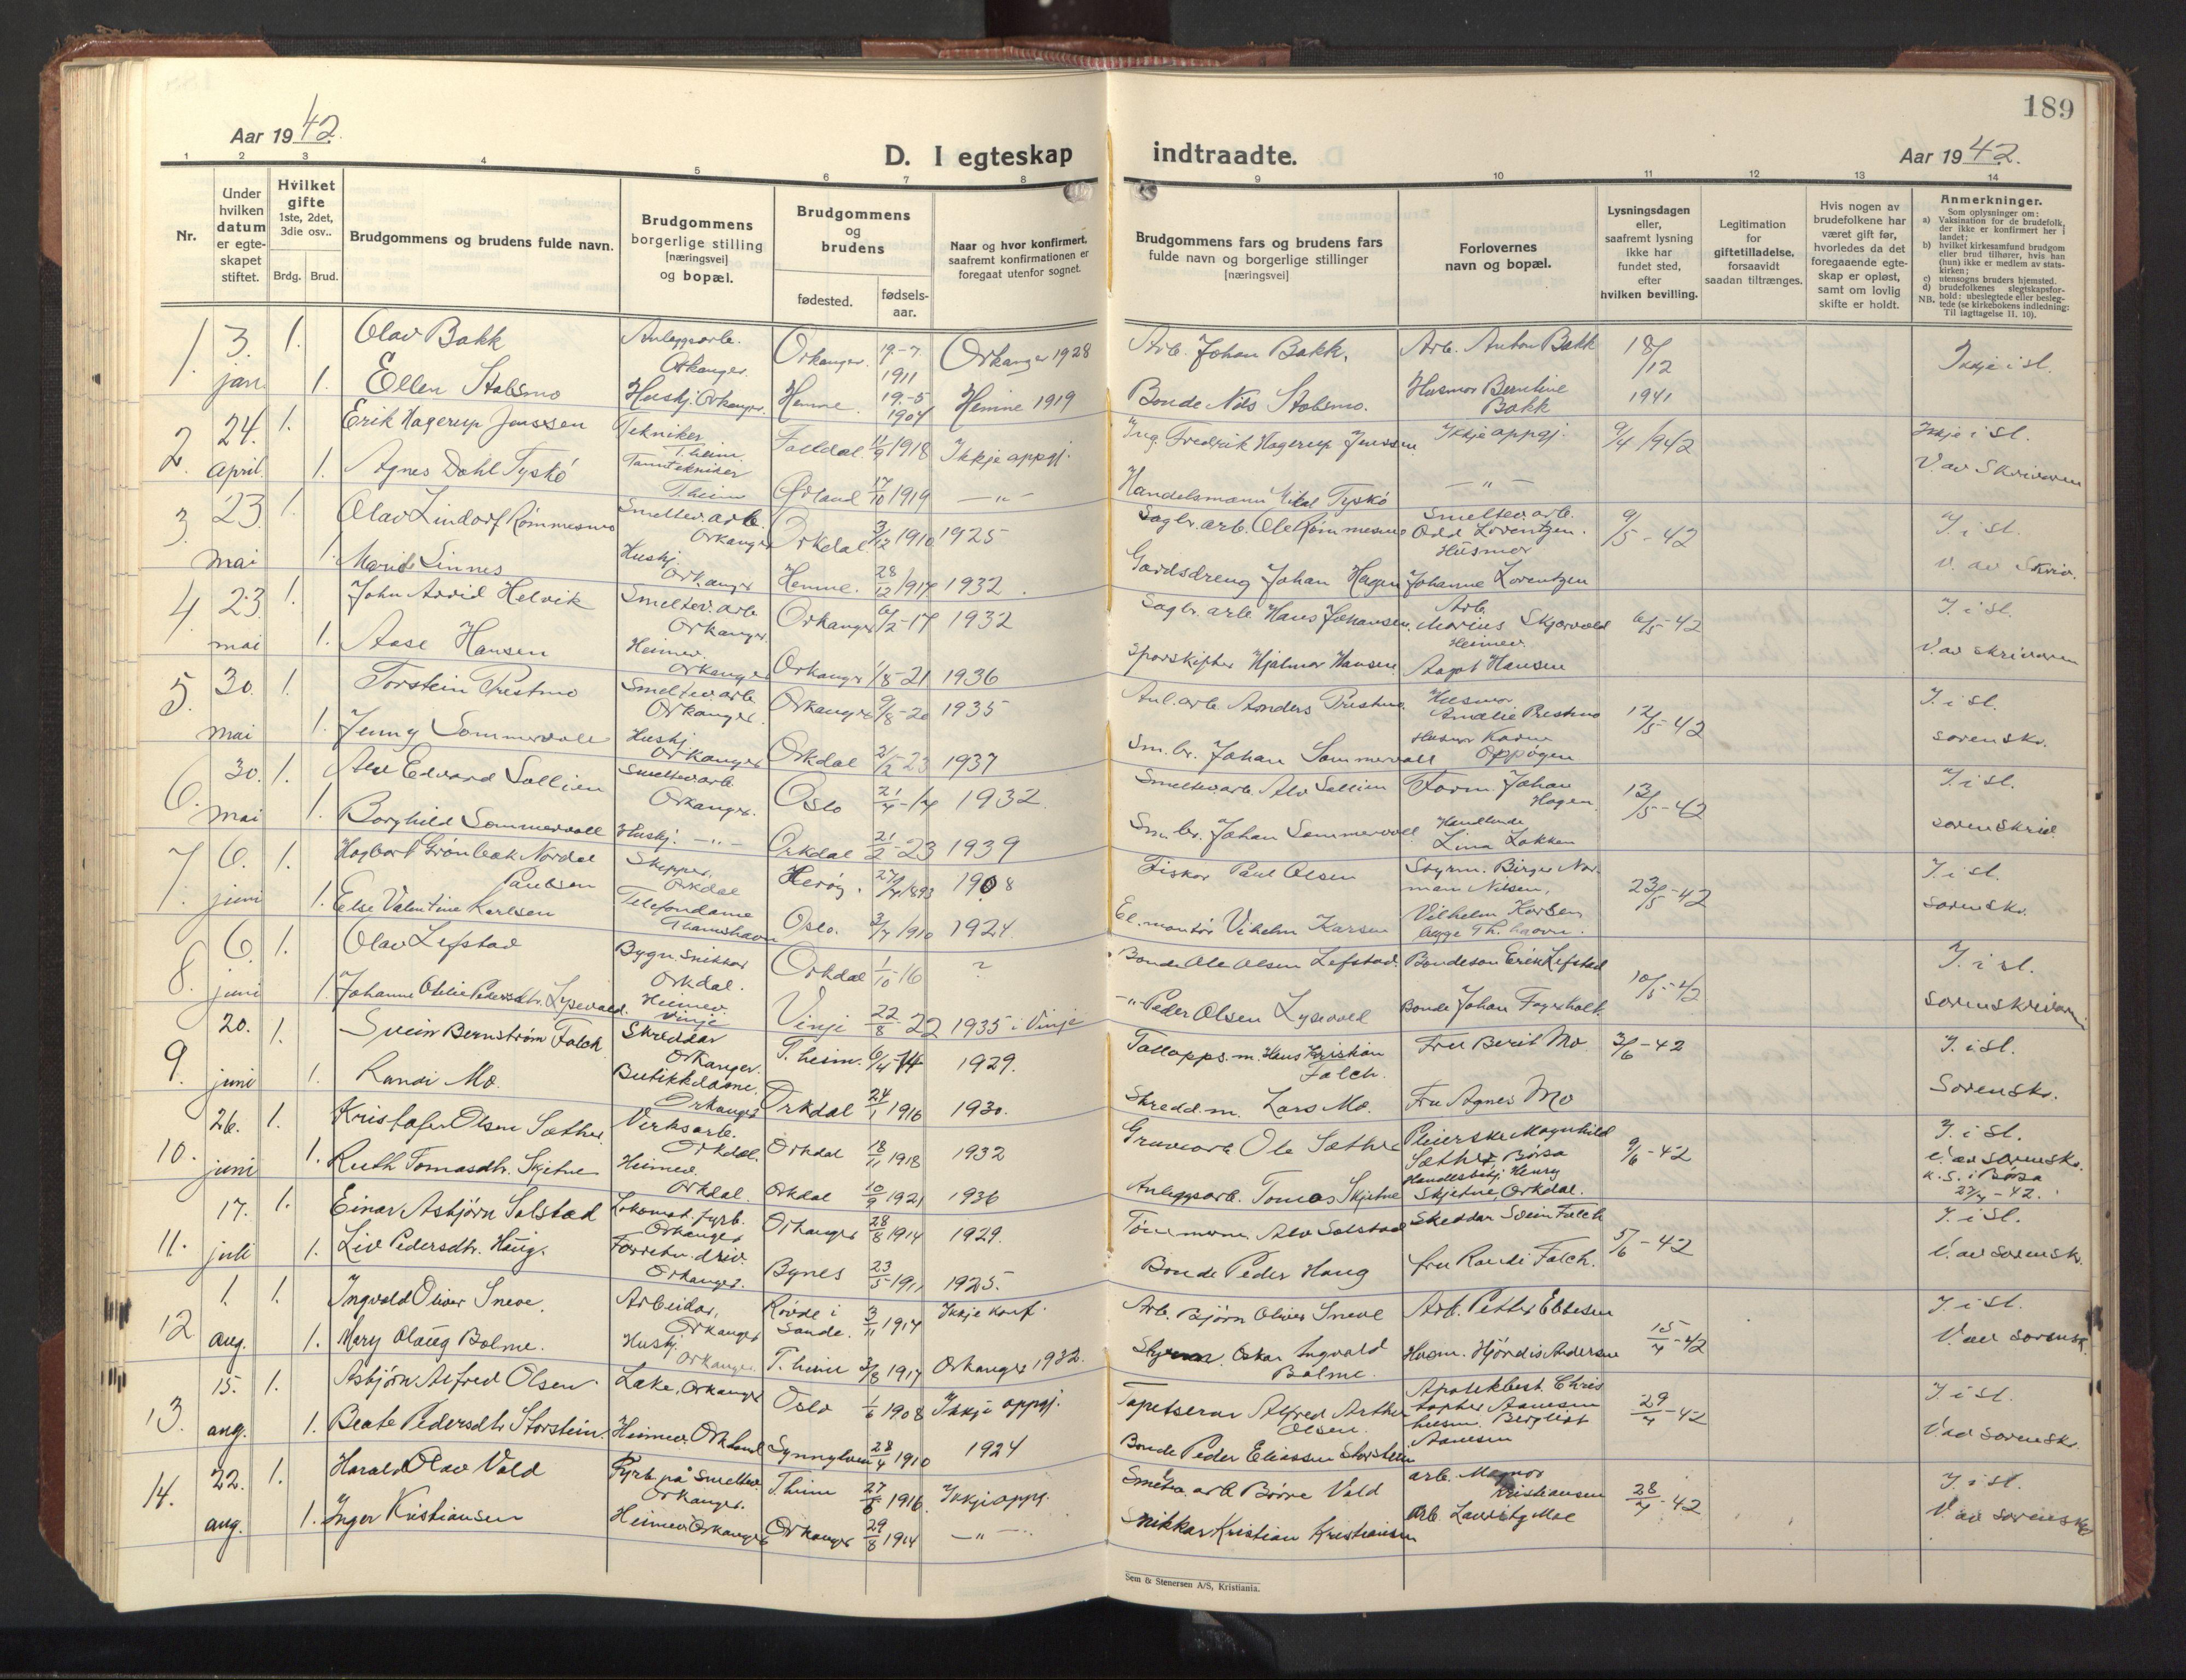 SAT, Ministerialprotokoller, klokkerbøker og fødselsregistre - Sør-Trøndelag, 669/L0832: Klokkerbok nr. 669C02, 1925-1953, s. 189